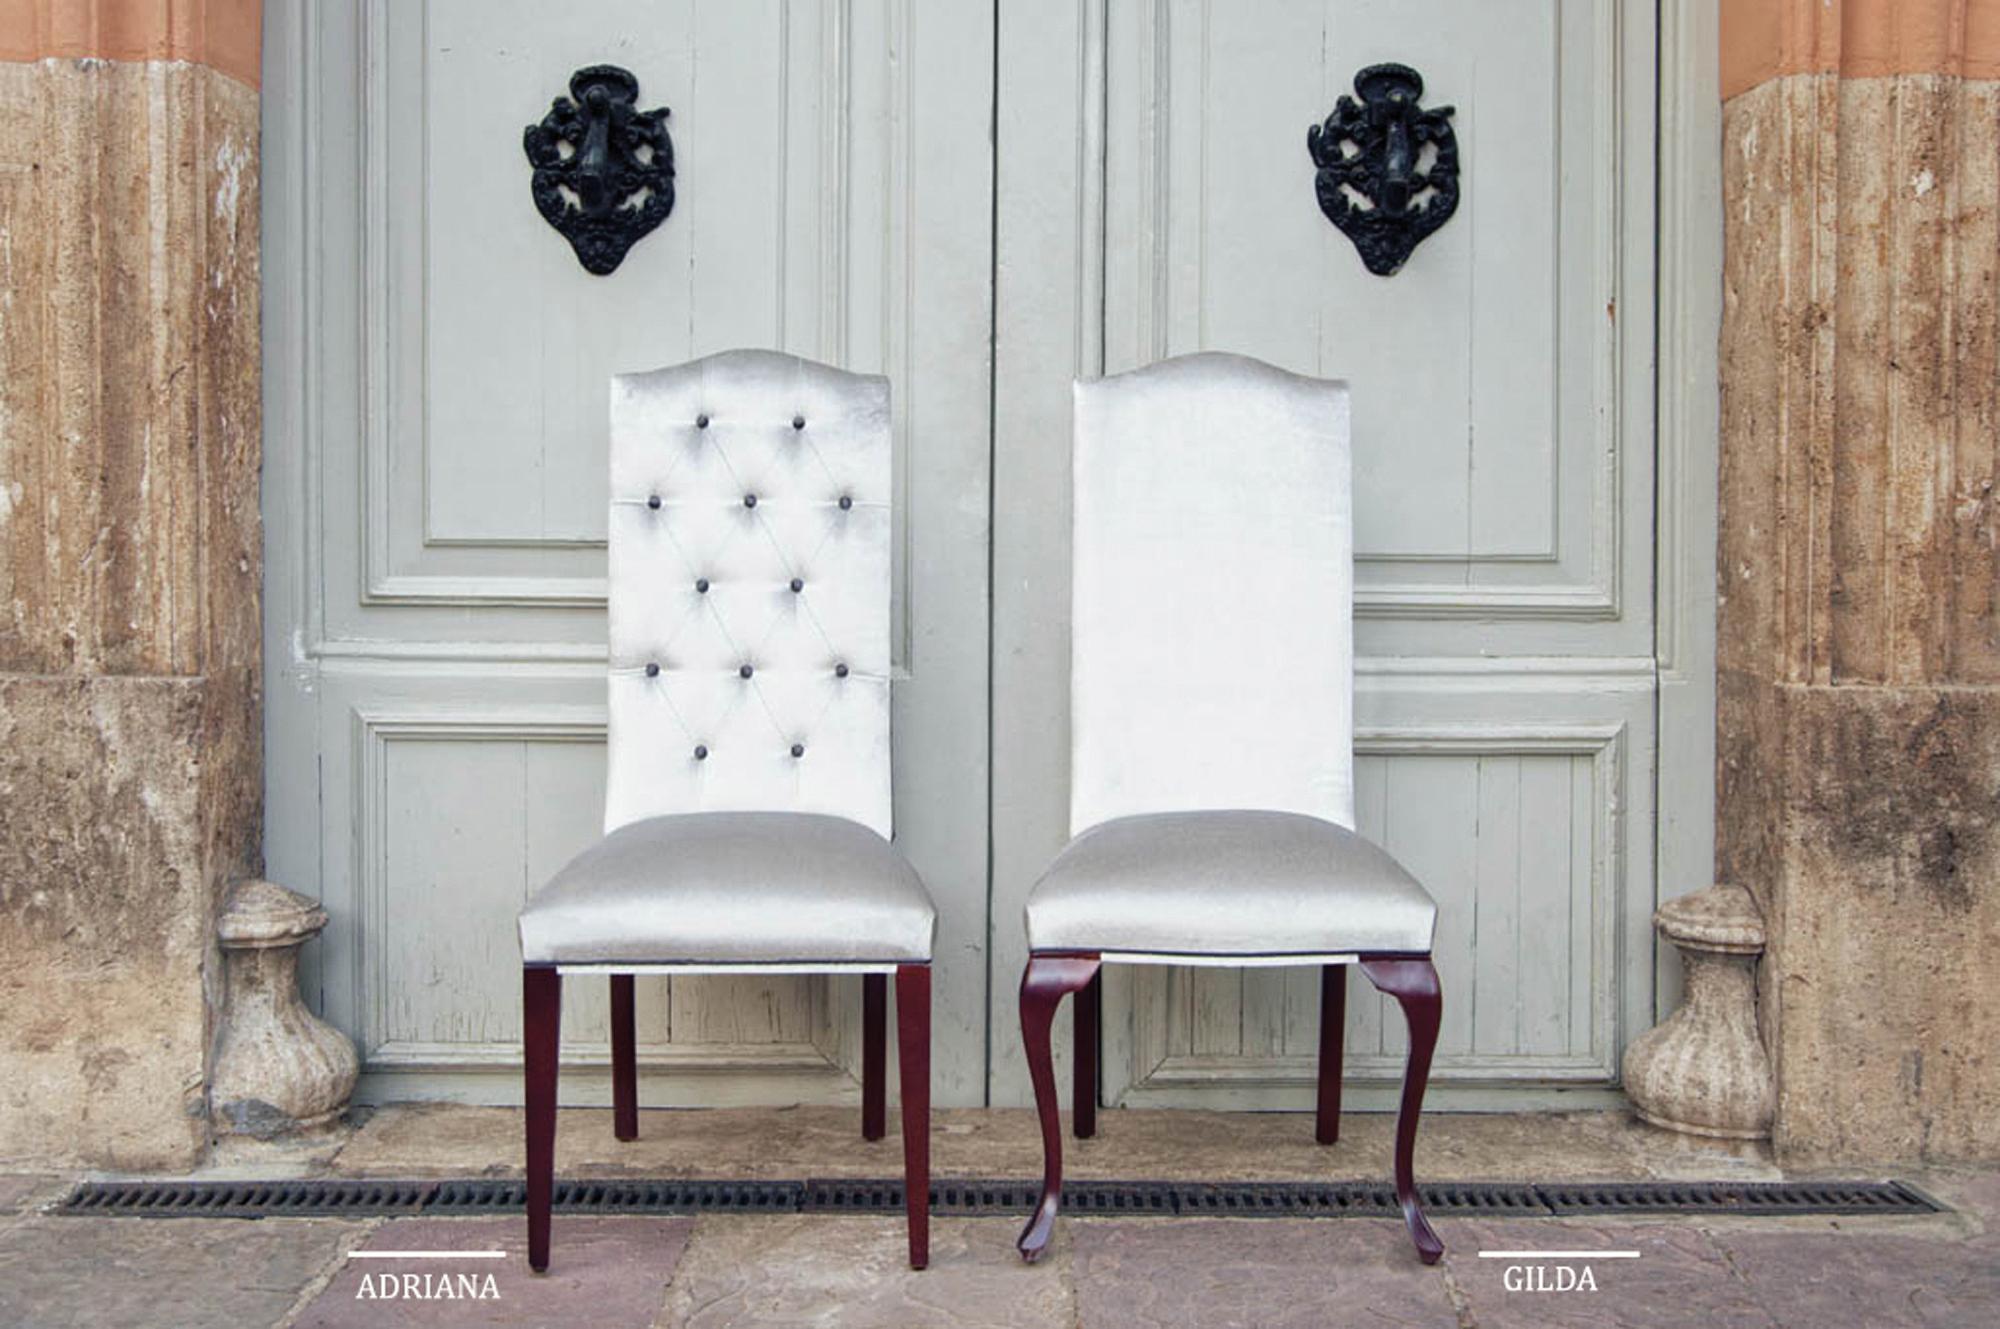 Silla tapizada adriana y gilda en cosas de arquitectoscosas de arquitectos - Sillas y sillones clasicos ...